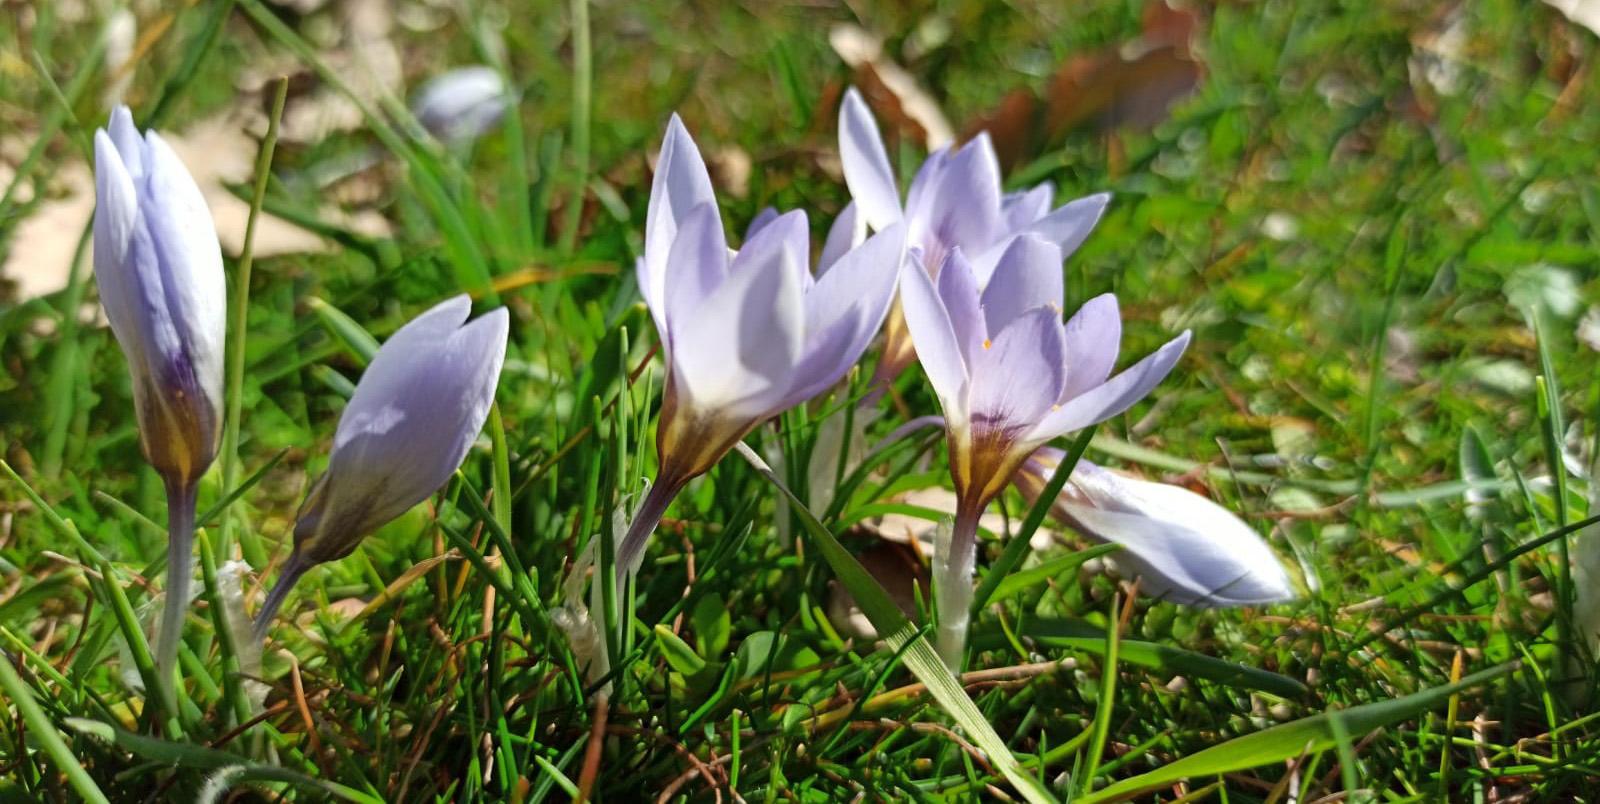 Çukurca'da kardelenler çiçek açtı